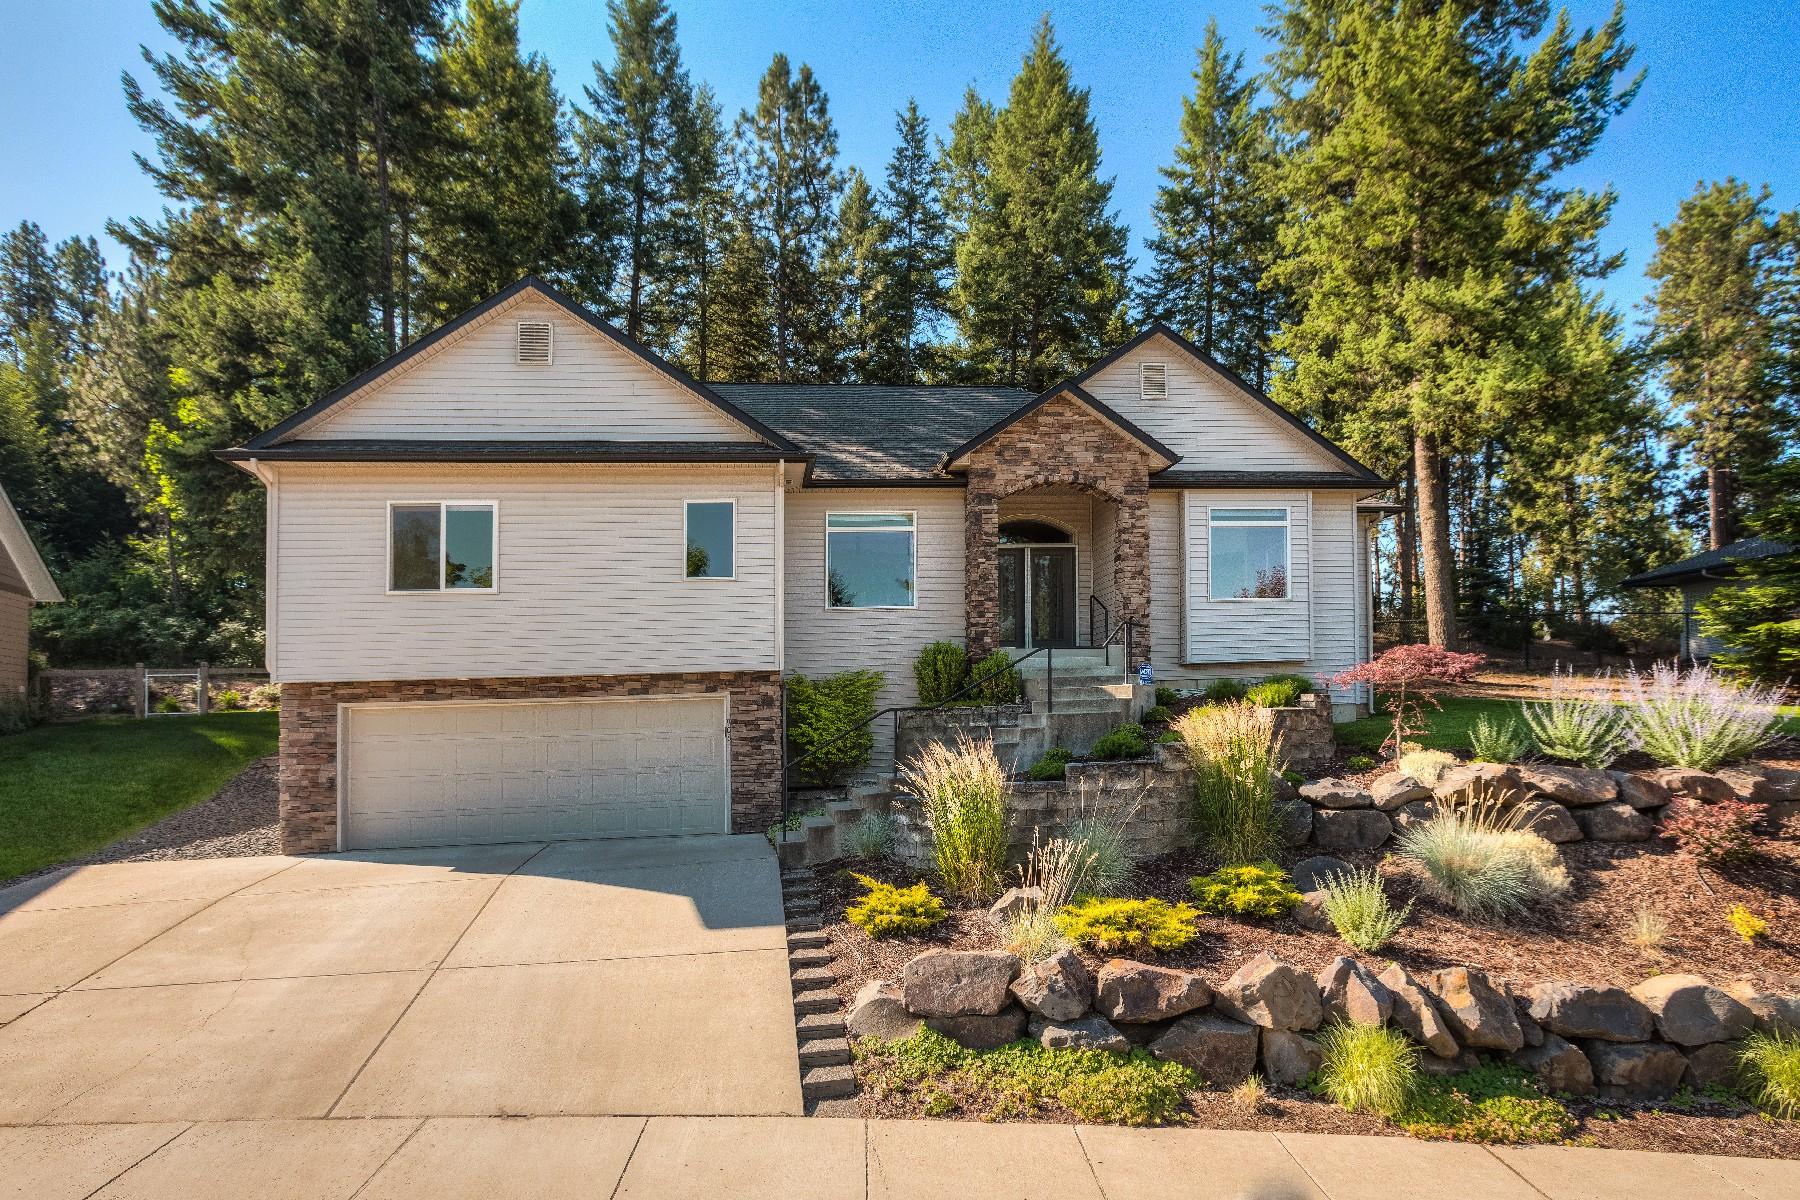 Maison unifamiliale pour l Vente à Single Family Residence 906 N. Balcony Dr Coeur D Alene, Idaho 83814 États-Unis